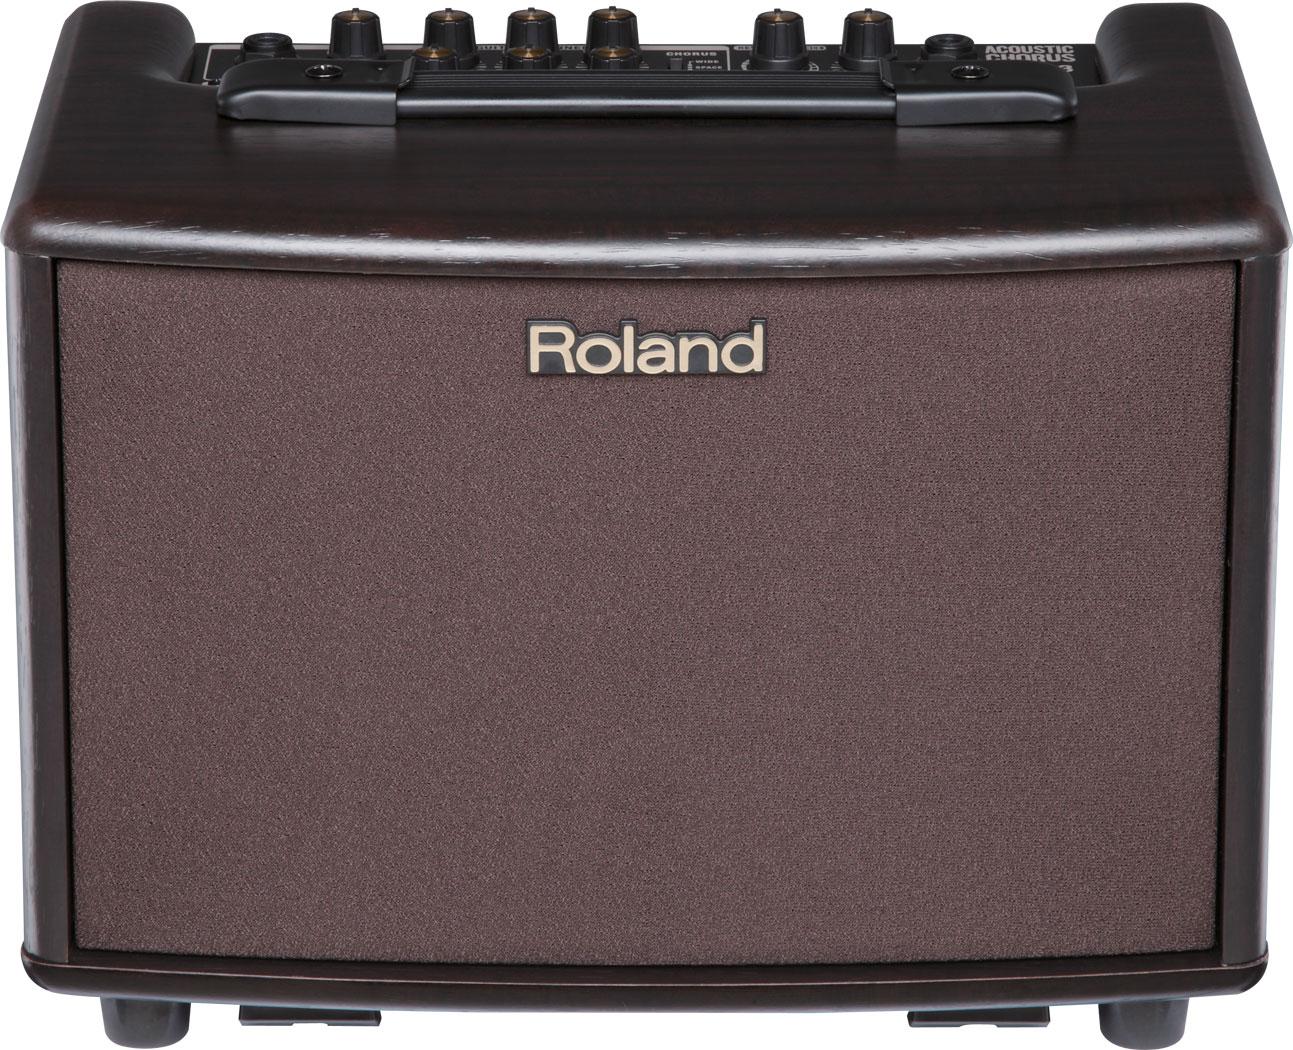 roland ac 33 acoustic chorus guitar amplifier rh roland ca roland ac-33 user manual roland ac-33 manual pdf